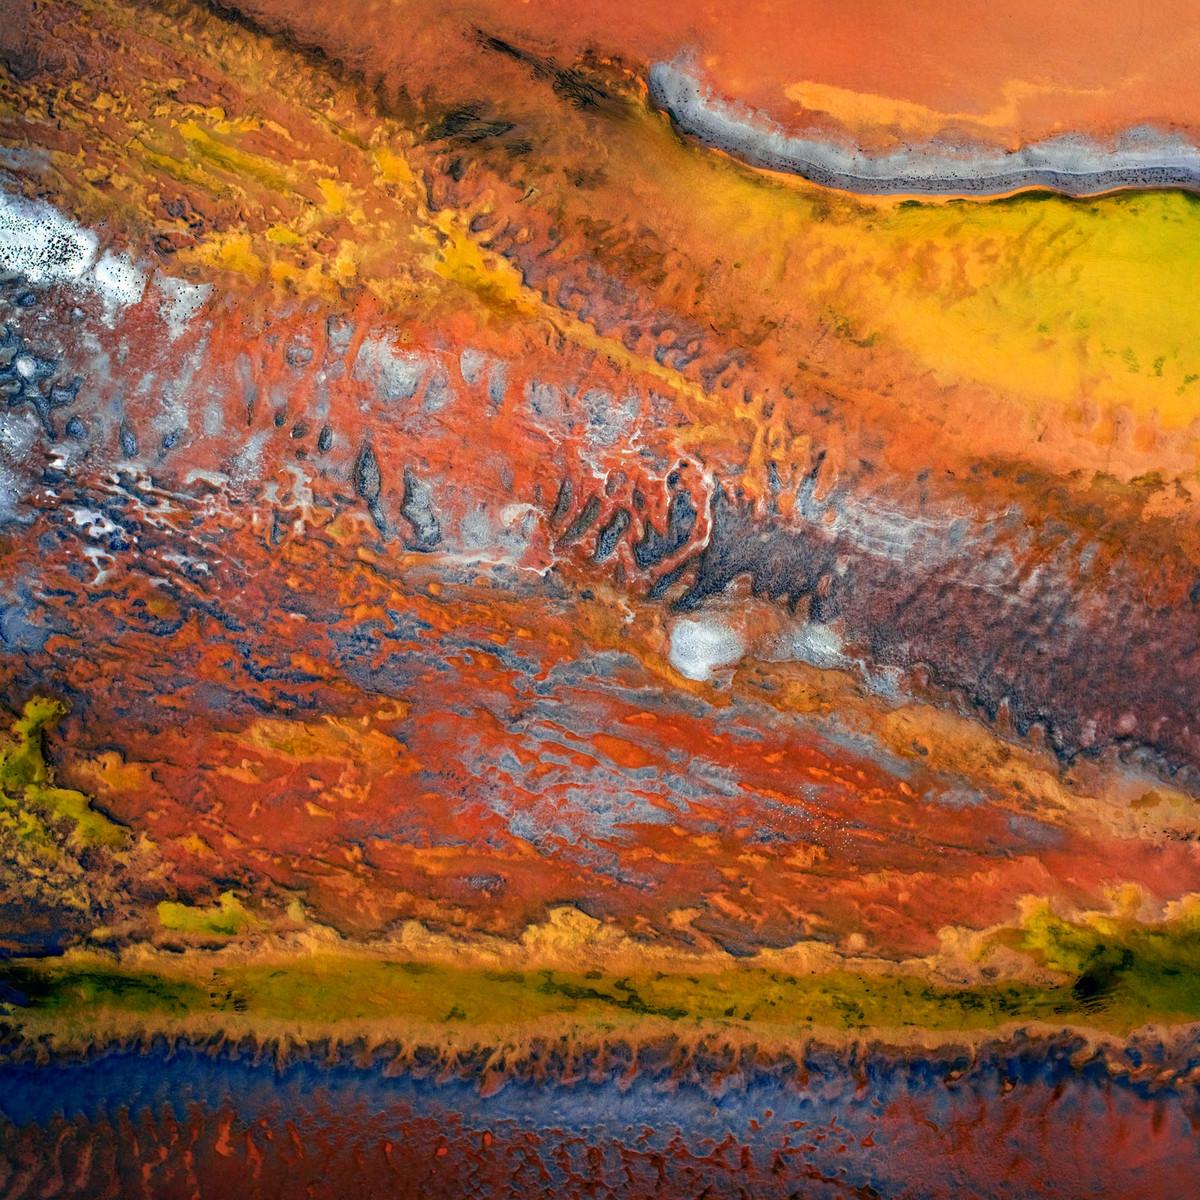 Озеро Эйр в аэрофотографиях  15